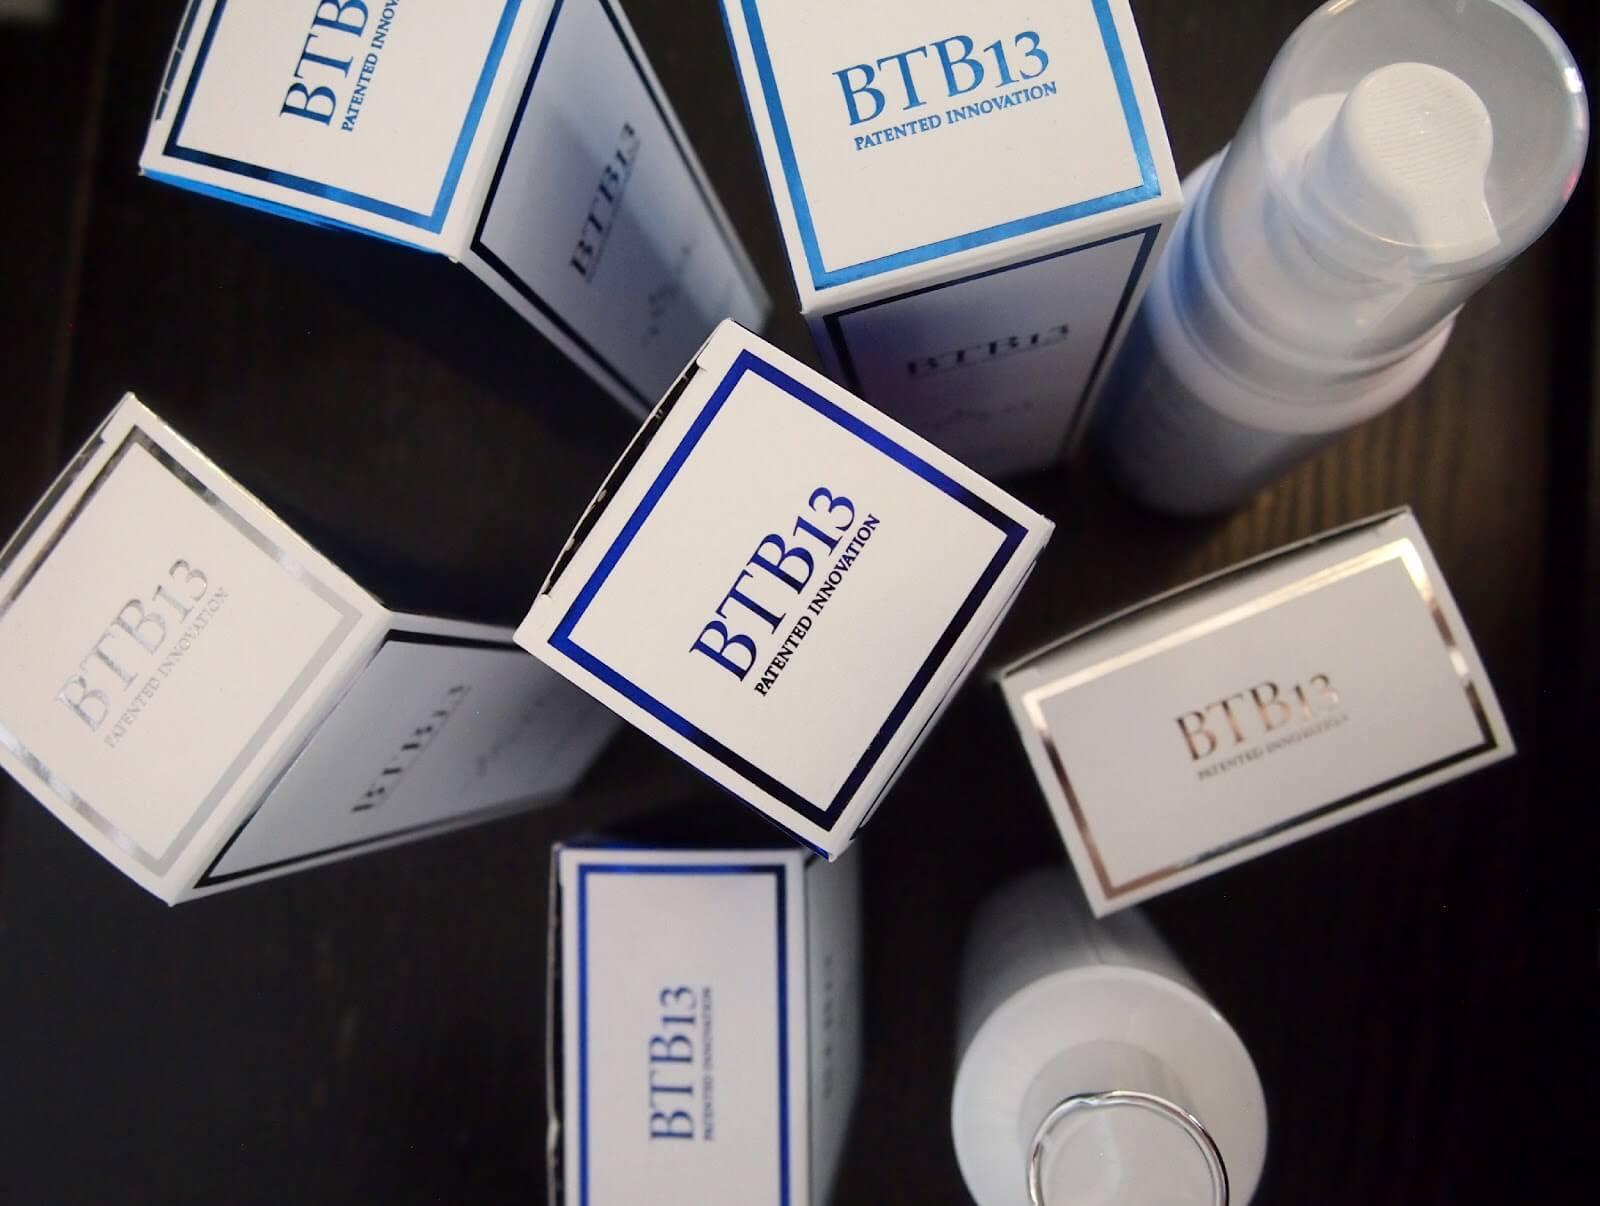 BTB13 kosmetiikkatuotteet